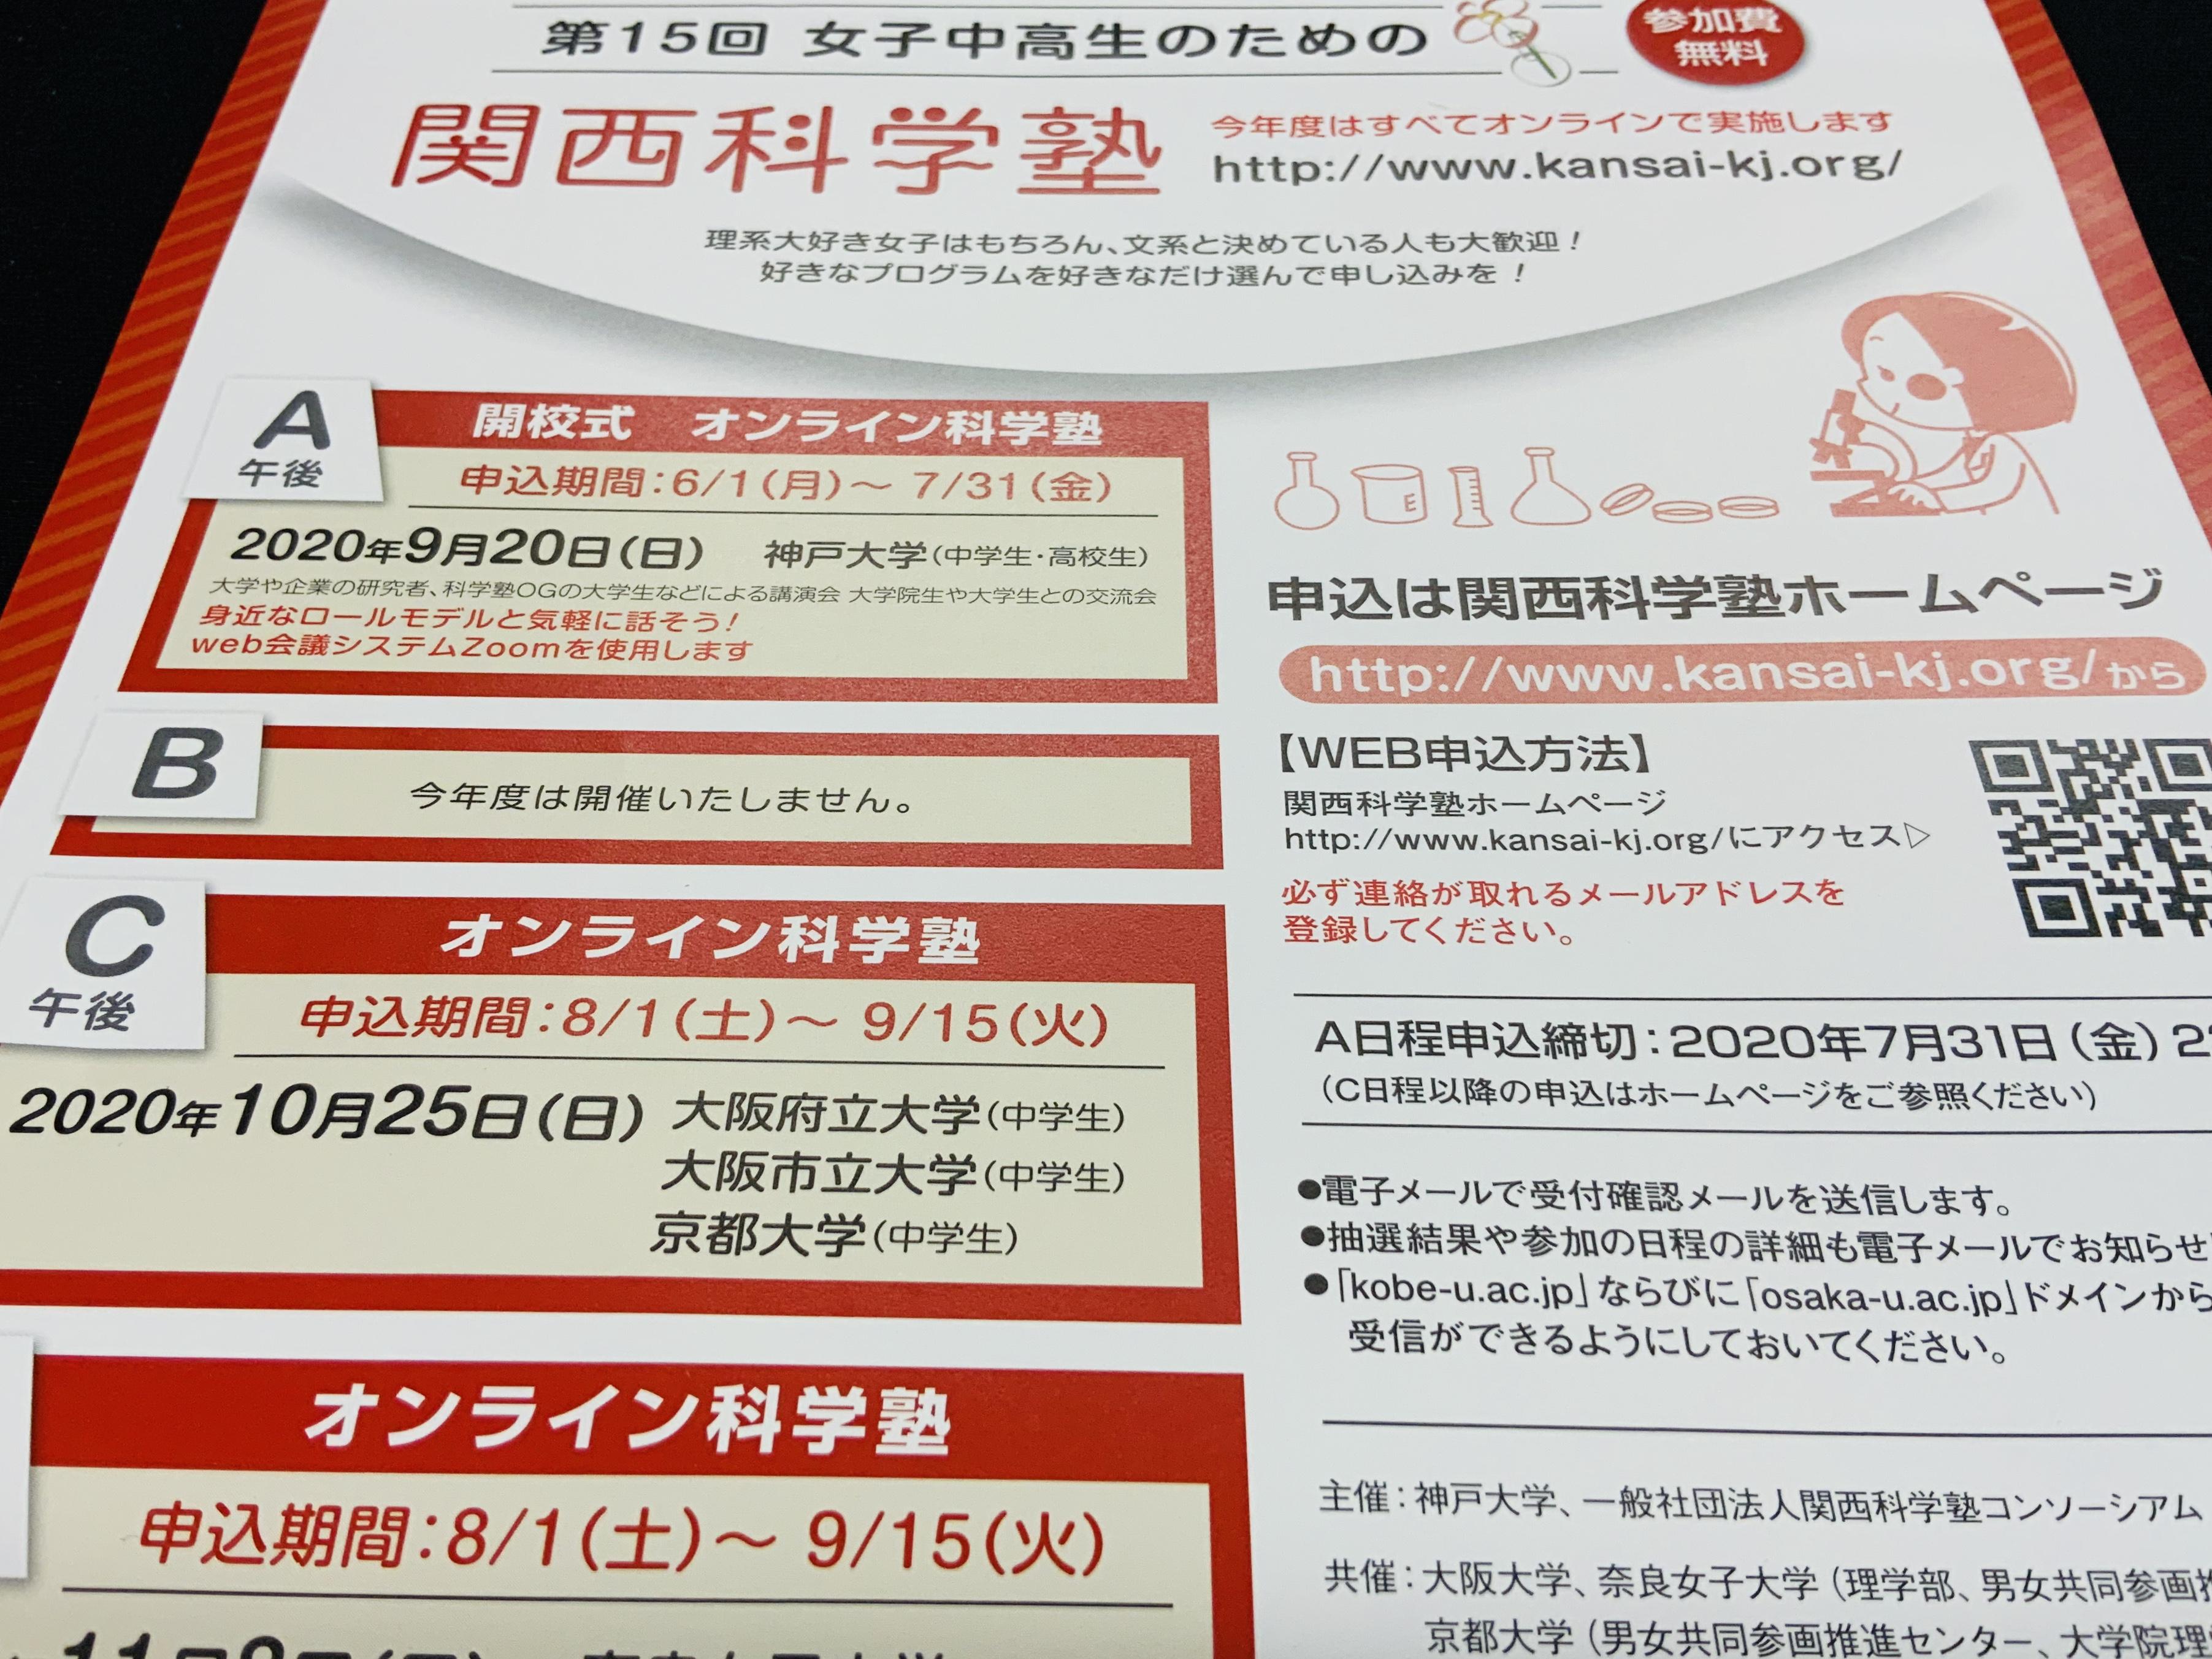 15C2E4DA-7755-412D-B6E5-9791A7B5E859